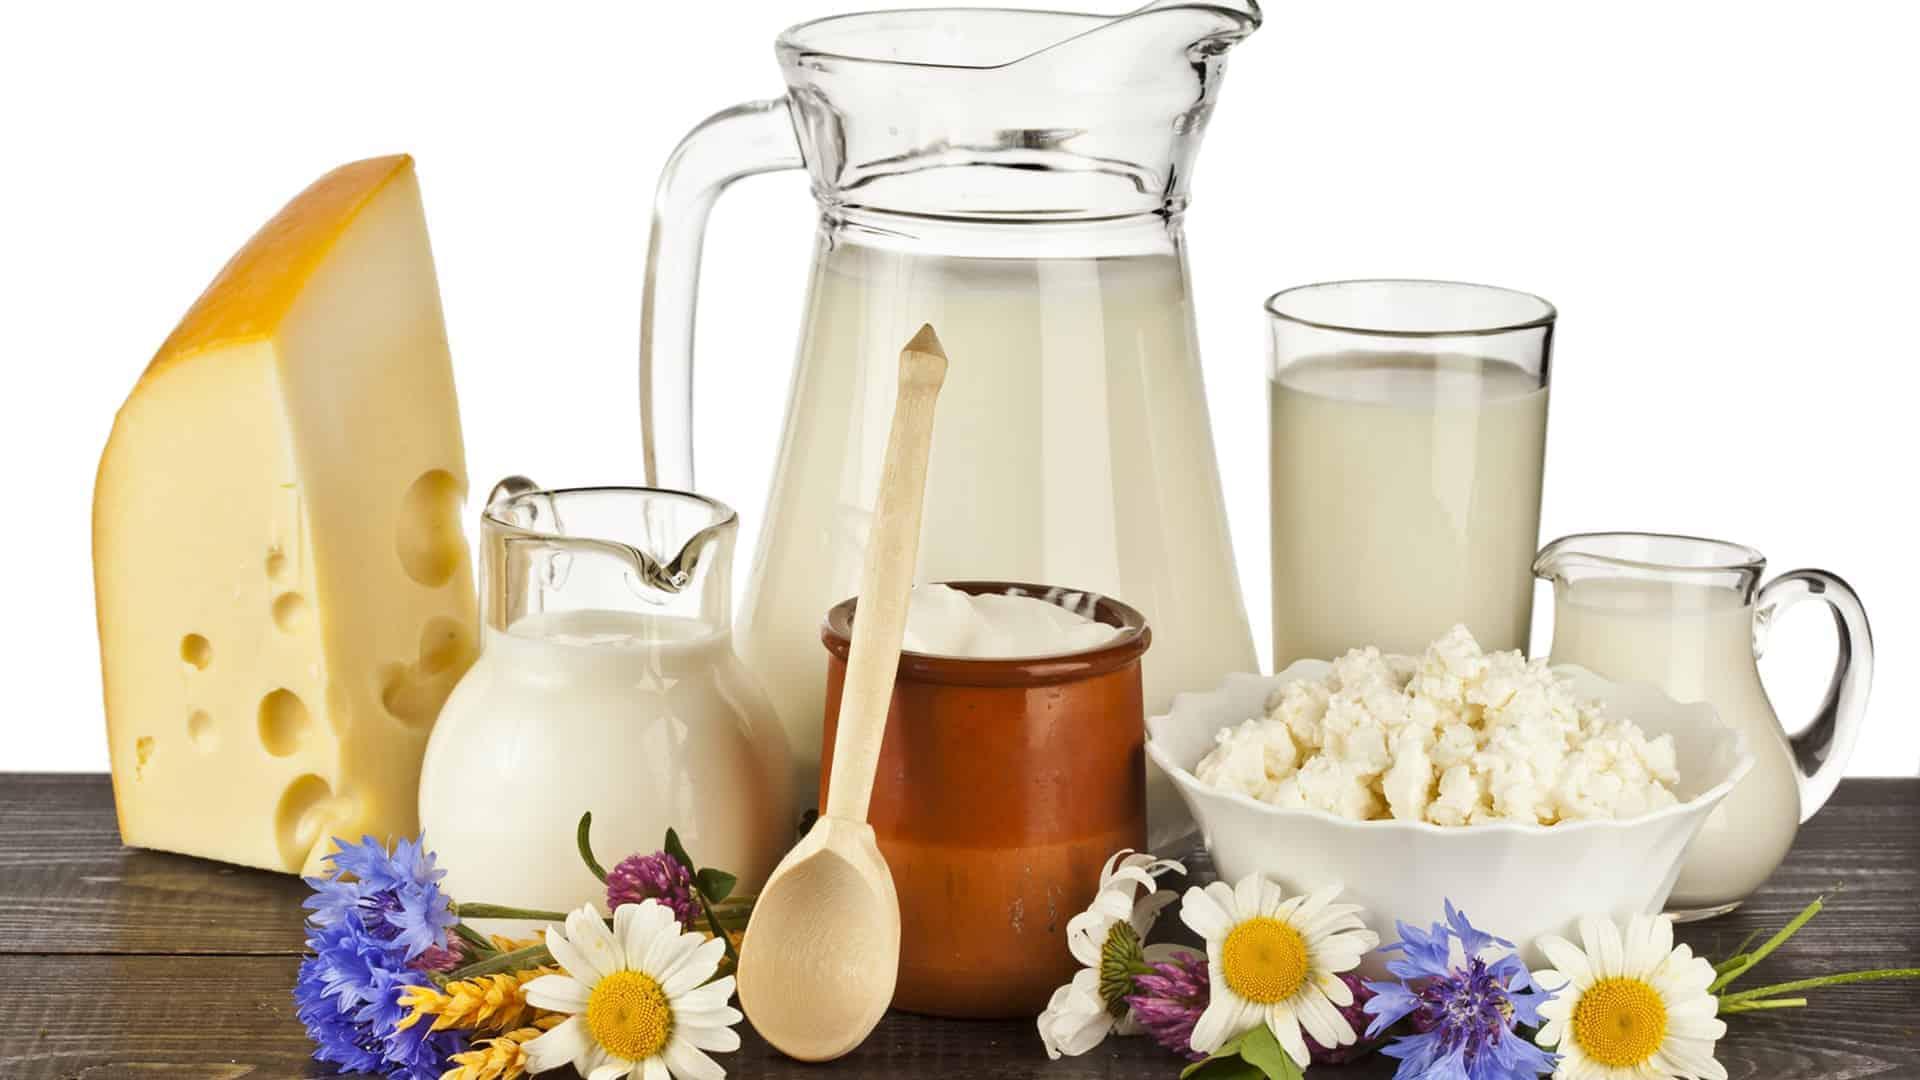 România a importat produse lactate şi ouă în valoare de 84,8 milioane de euro